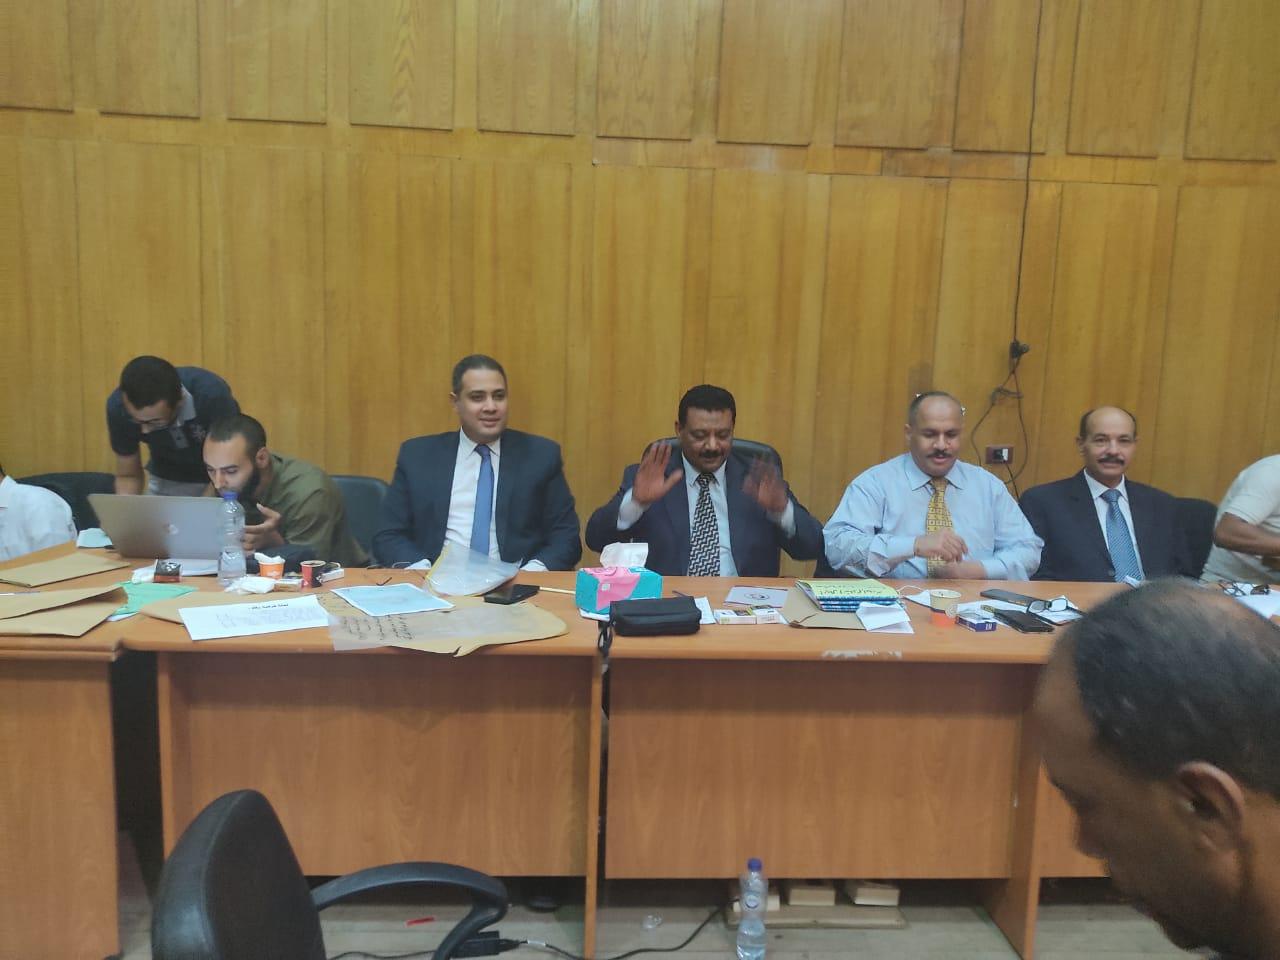 صور اللجنة العامة بإسنا خلال اعلان النتيجة (1)